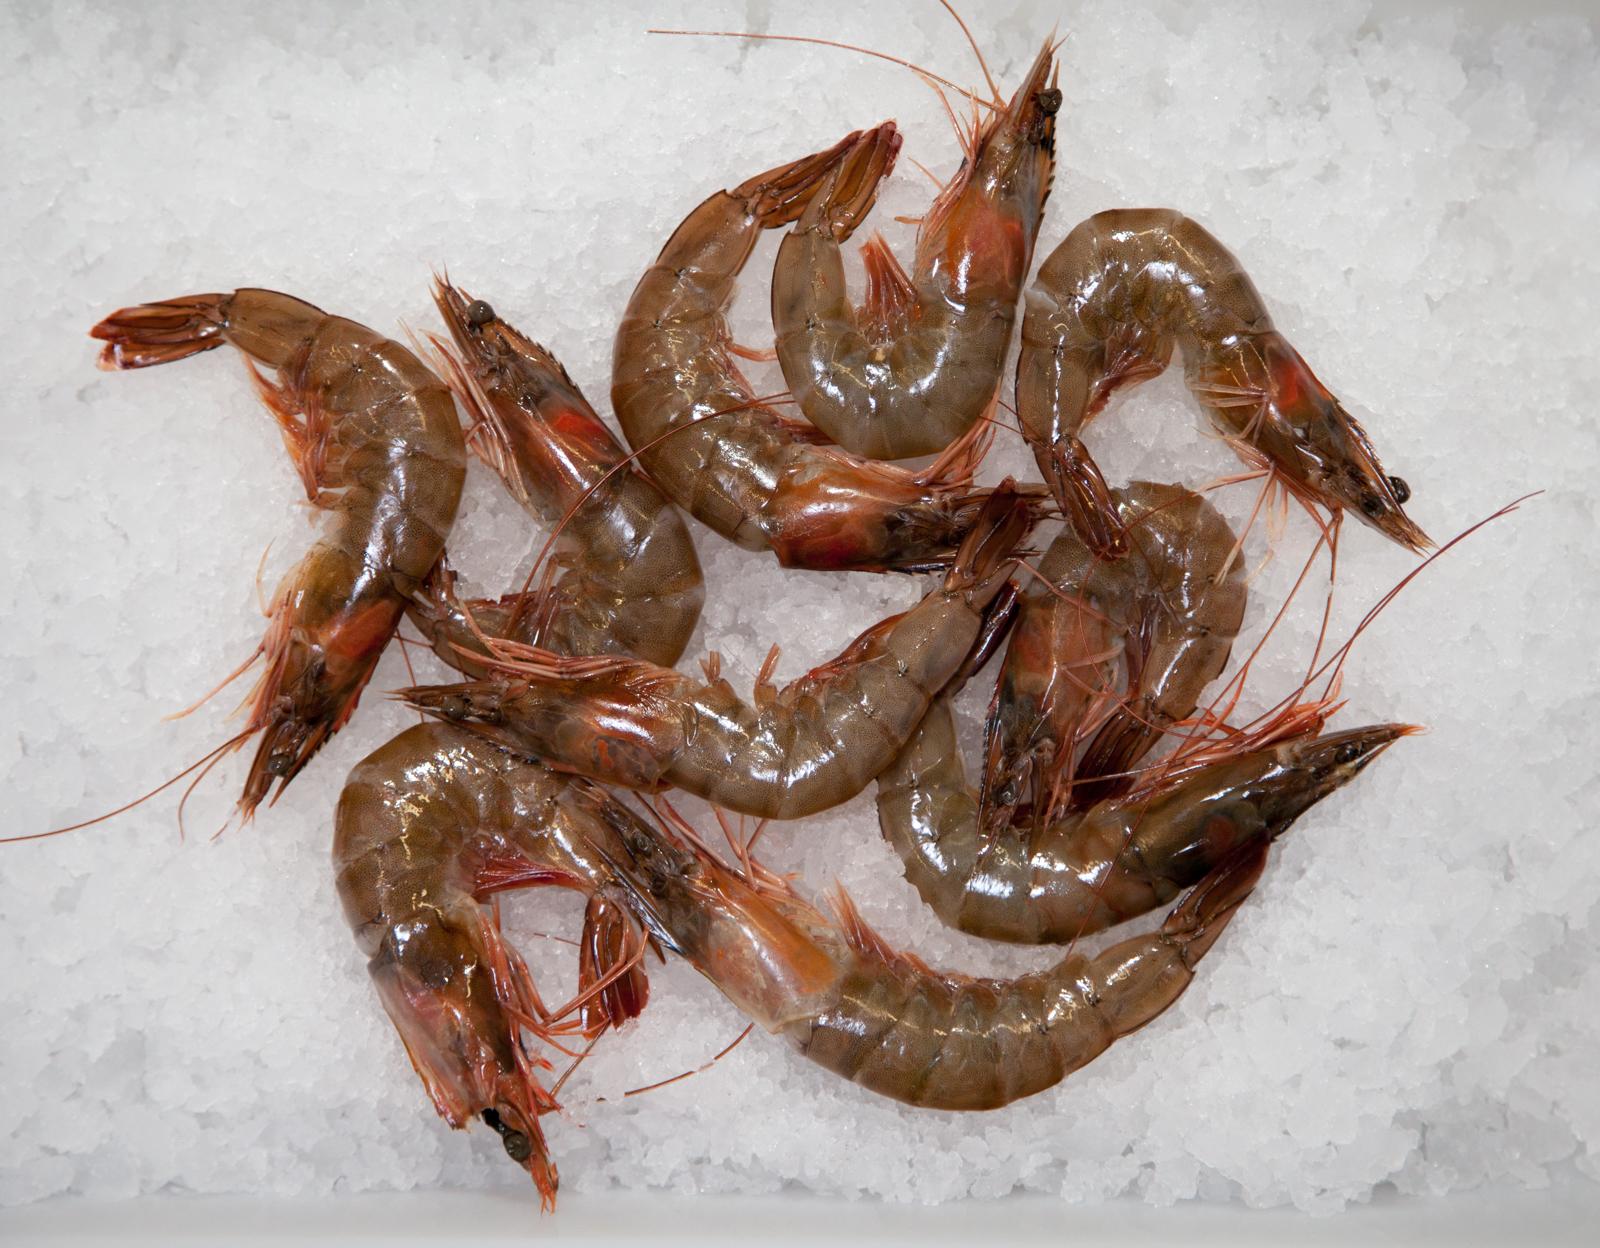 ecclesall_fisheries-2454